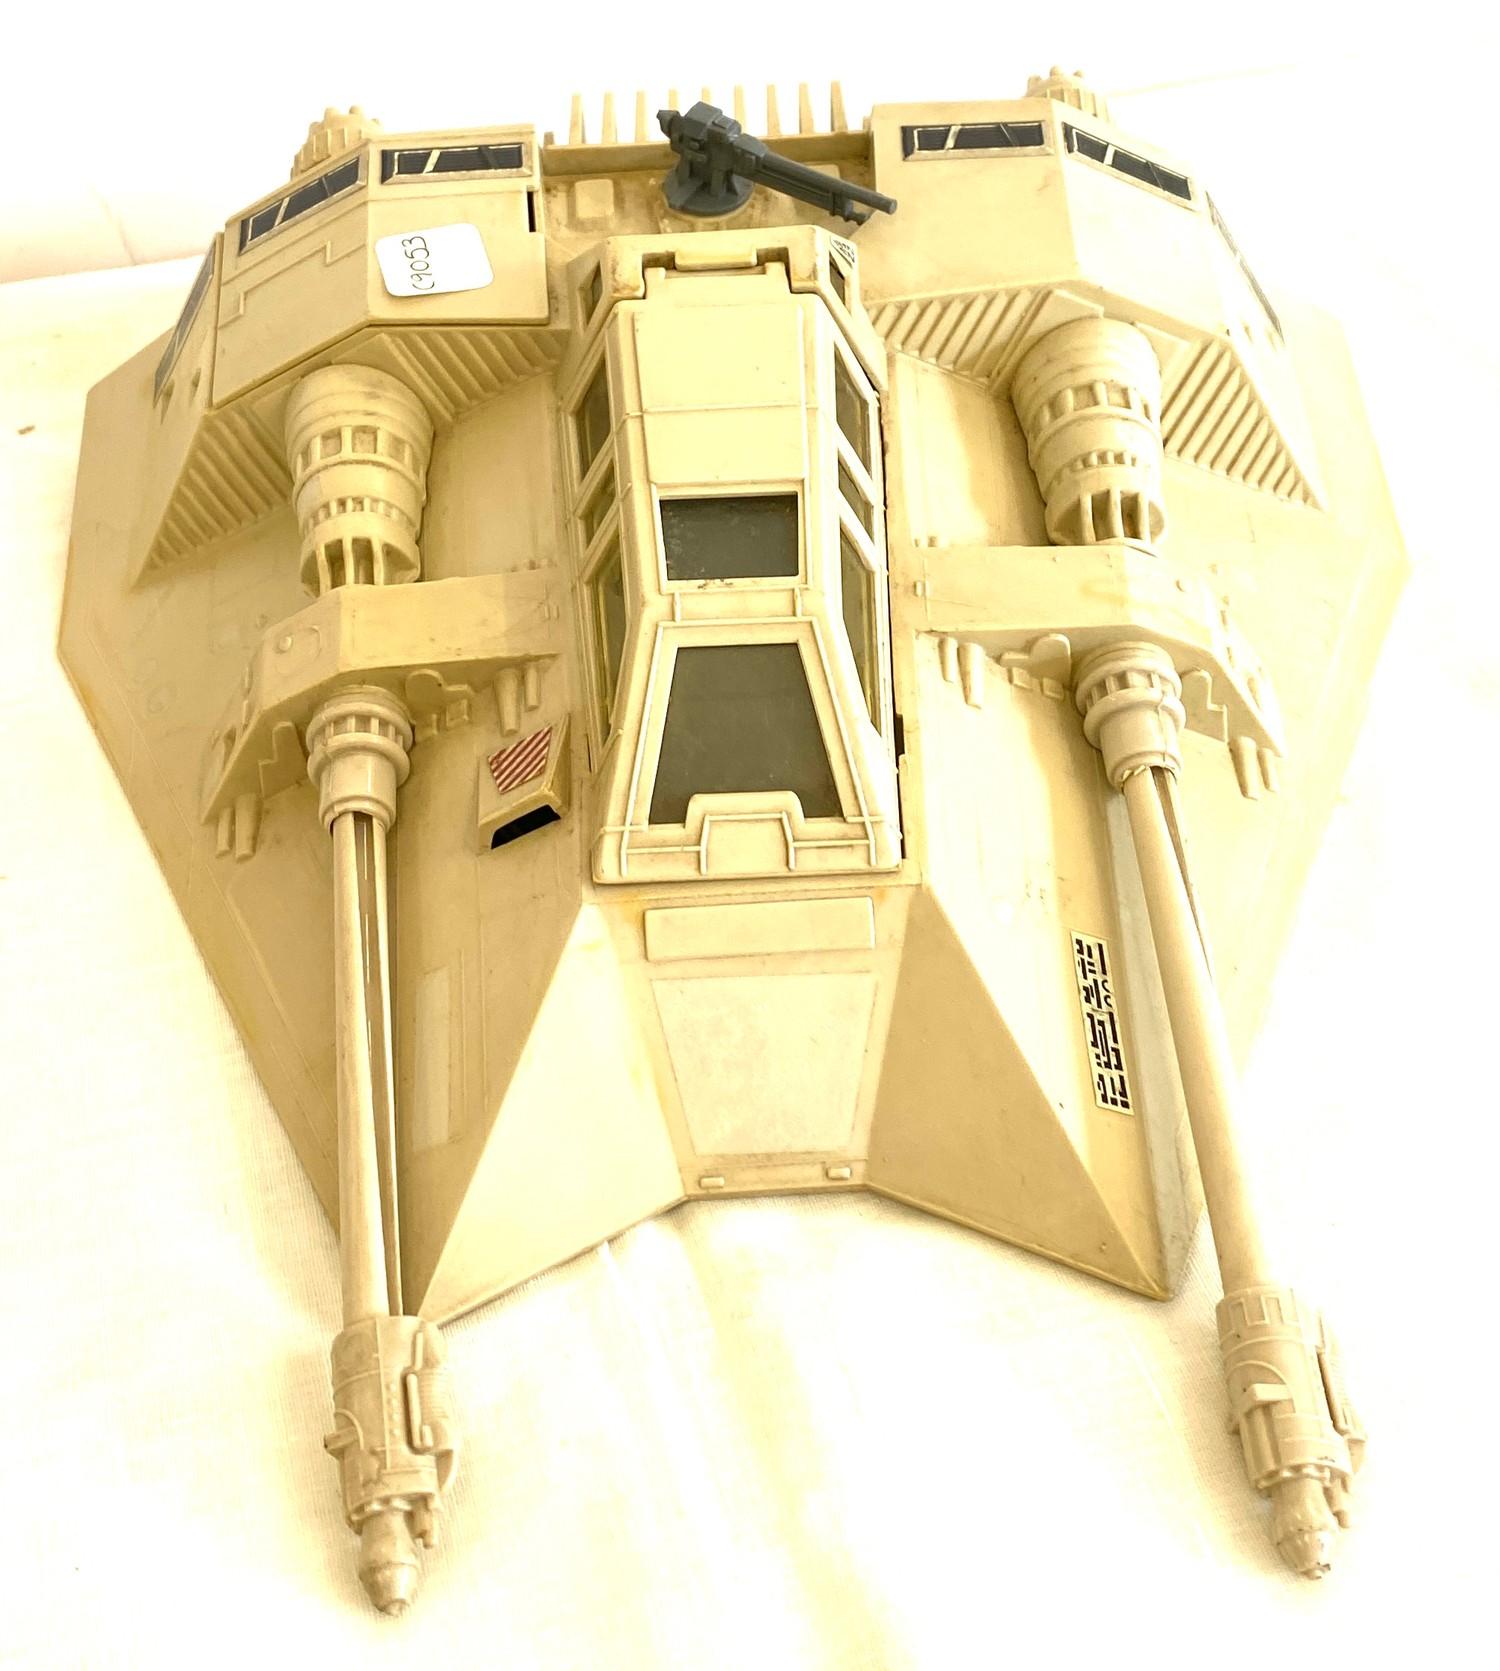 Starwars / Star wars Kenner 39610 Star Wars The Empire Strikes Back Rebel armored Snowspeeder, - Image 5 of 5